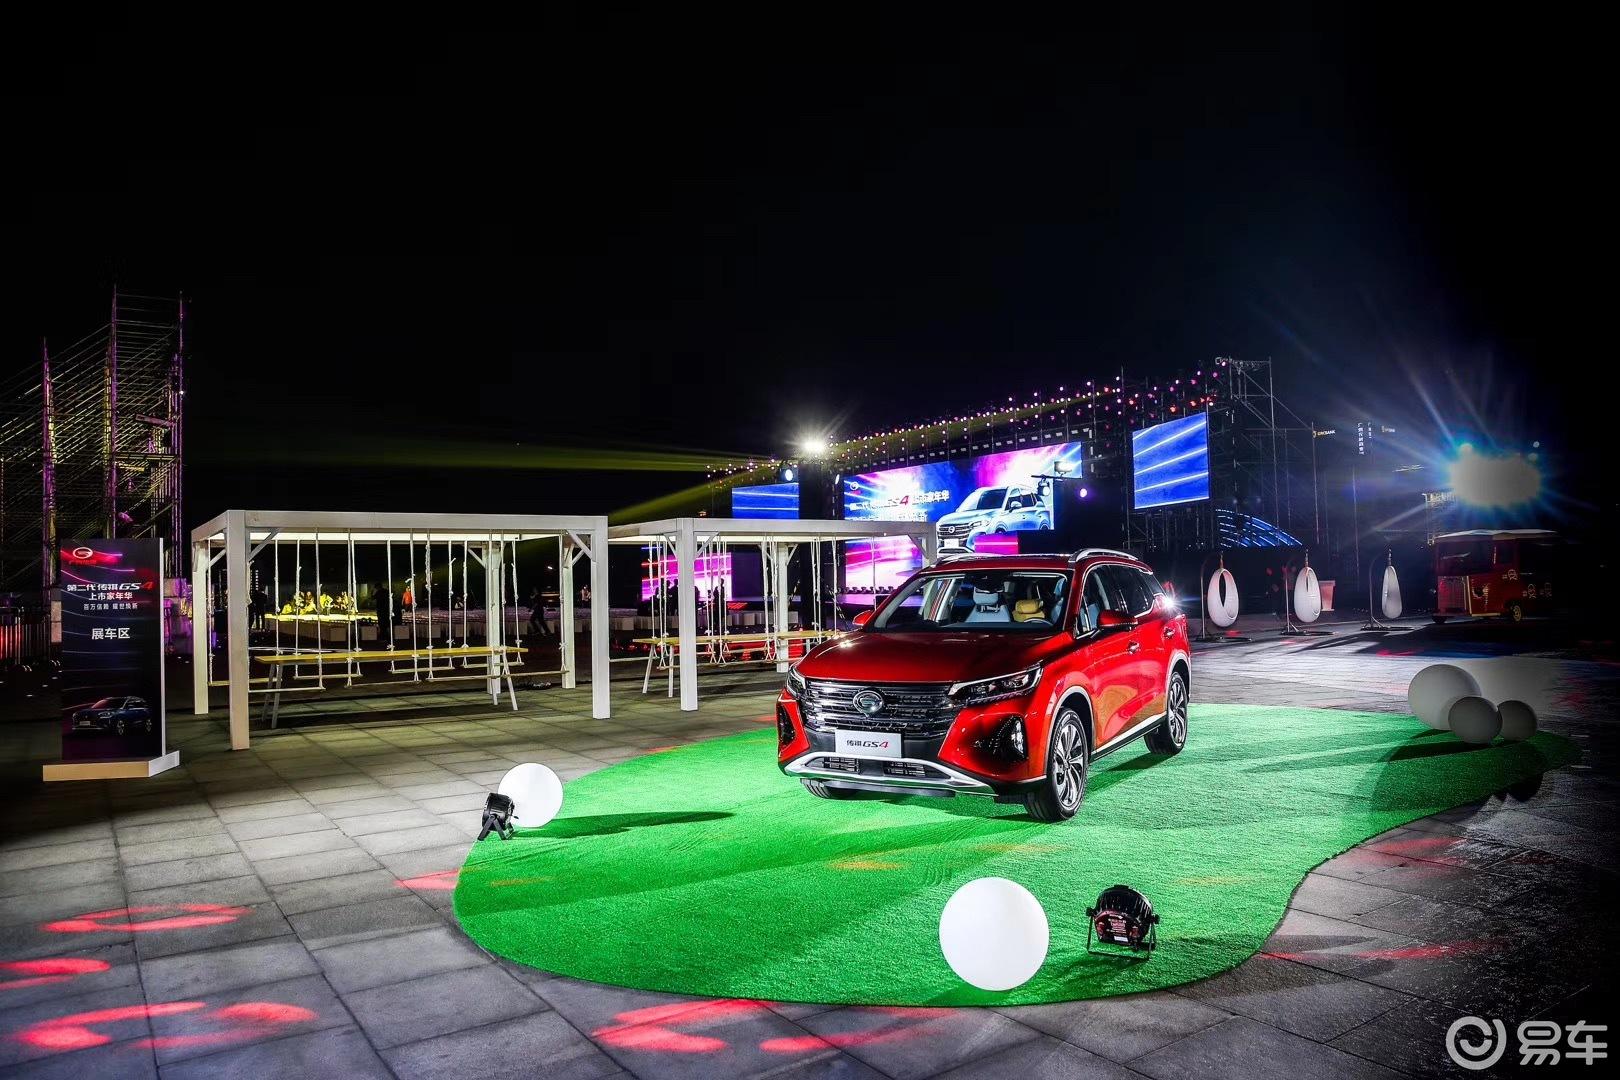 广汽传祺最畅销SUV全新上市 9款车型选哪款最值?